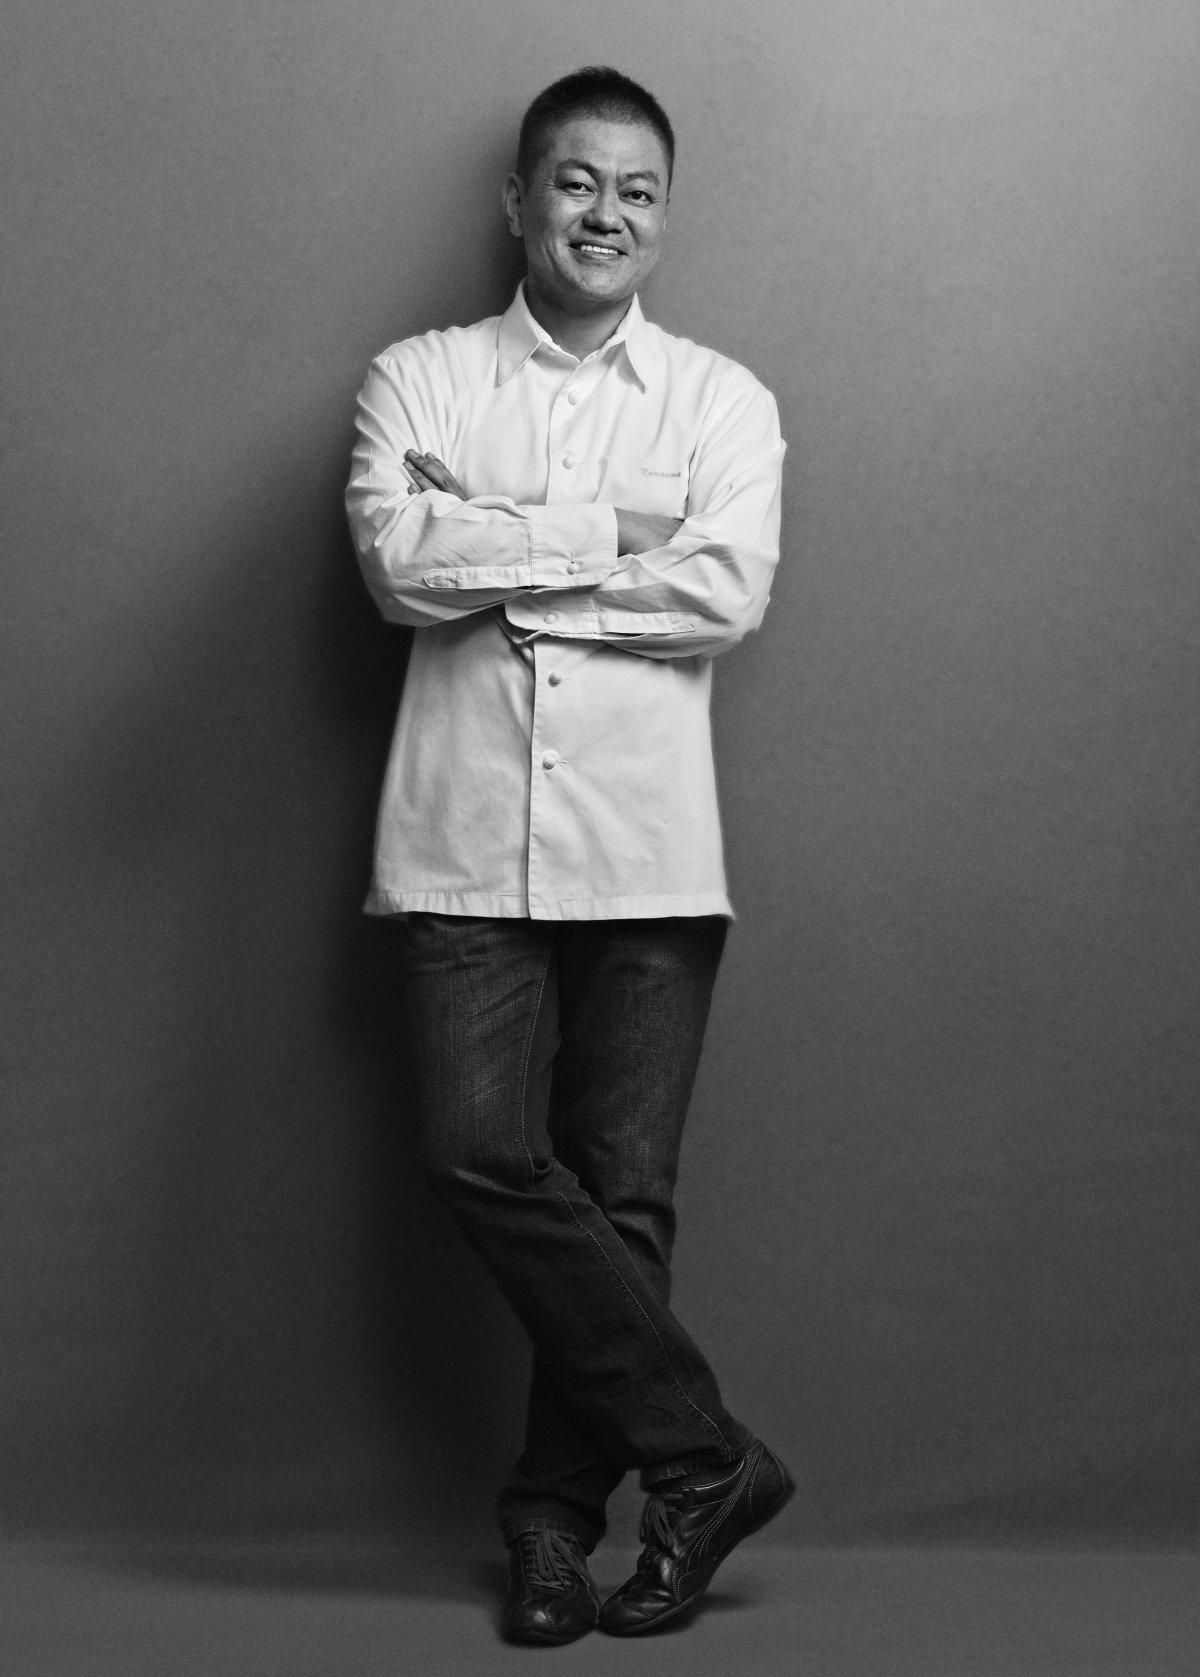 Retrato del cocinero Yoshihiro Narisawa